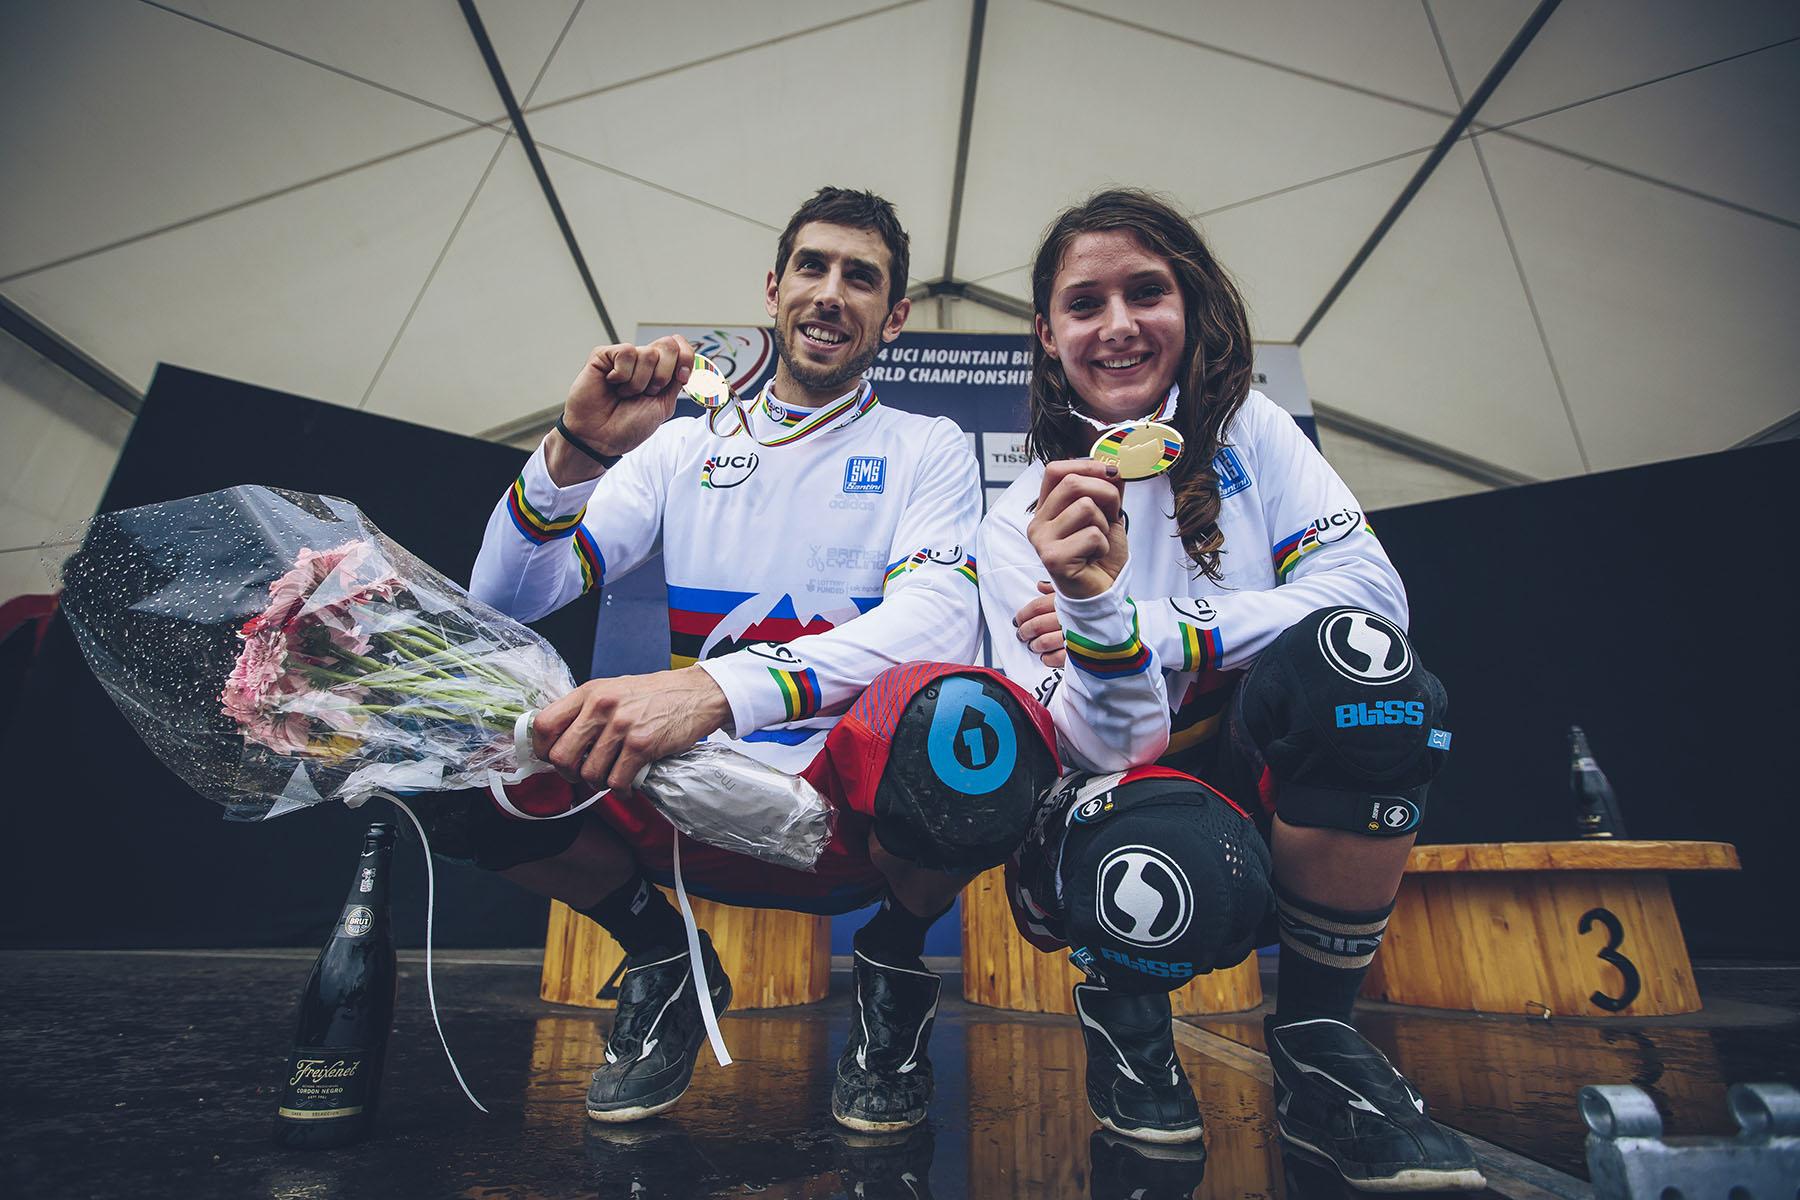 Die zwei britischen Gewinner Gee Atherton und Manon Carpenter!